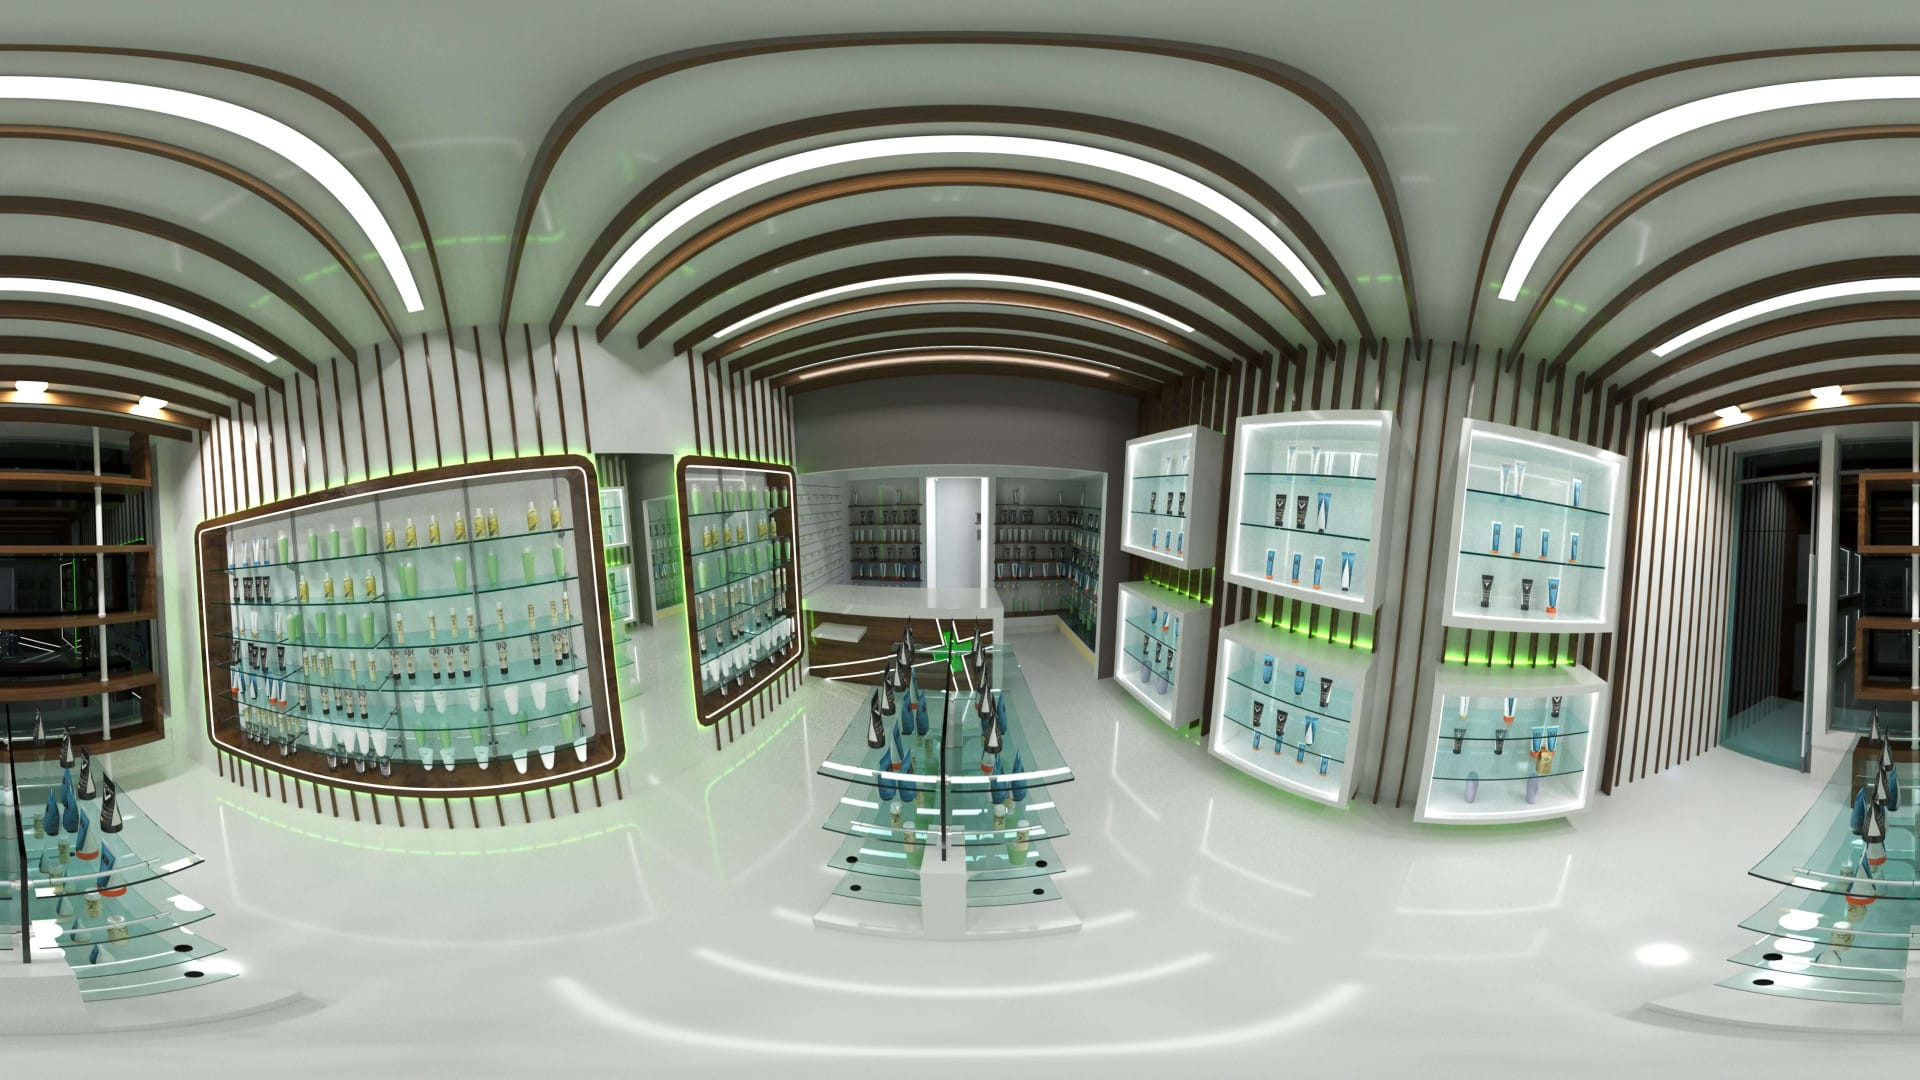 Σχεδιασμός επίπλωσης φαρμακείου στο Άμστερνταμ